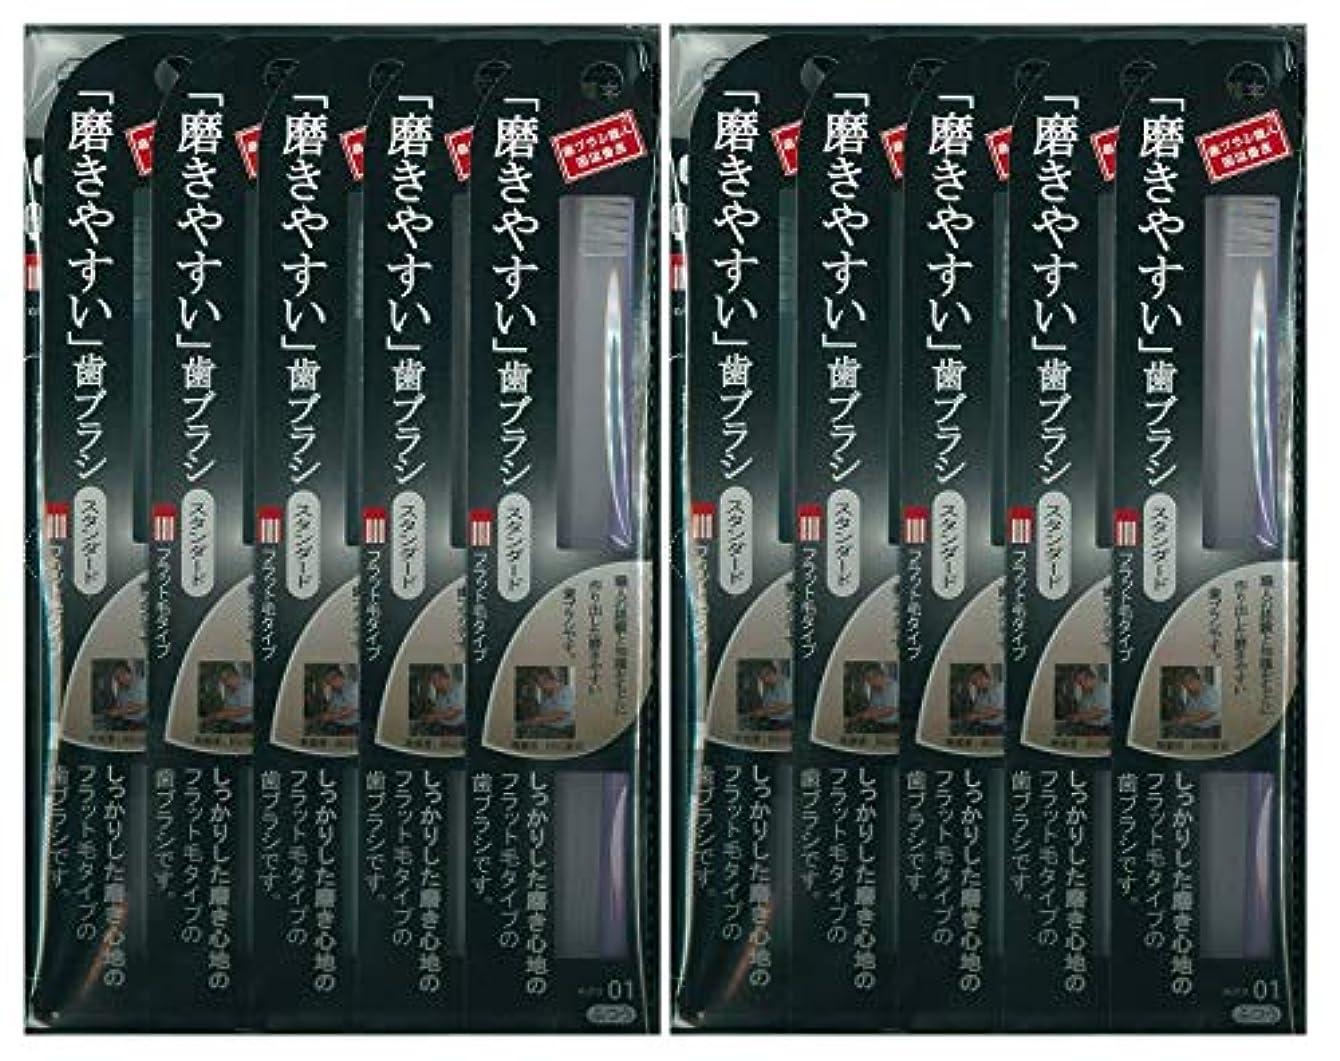 品後ろにホイットニー歯ブラシ職人 田辺重吉考案 磨きやすい歯ブラシ ふつう (フラット) LT-01 1本入×24本セット